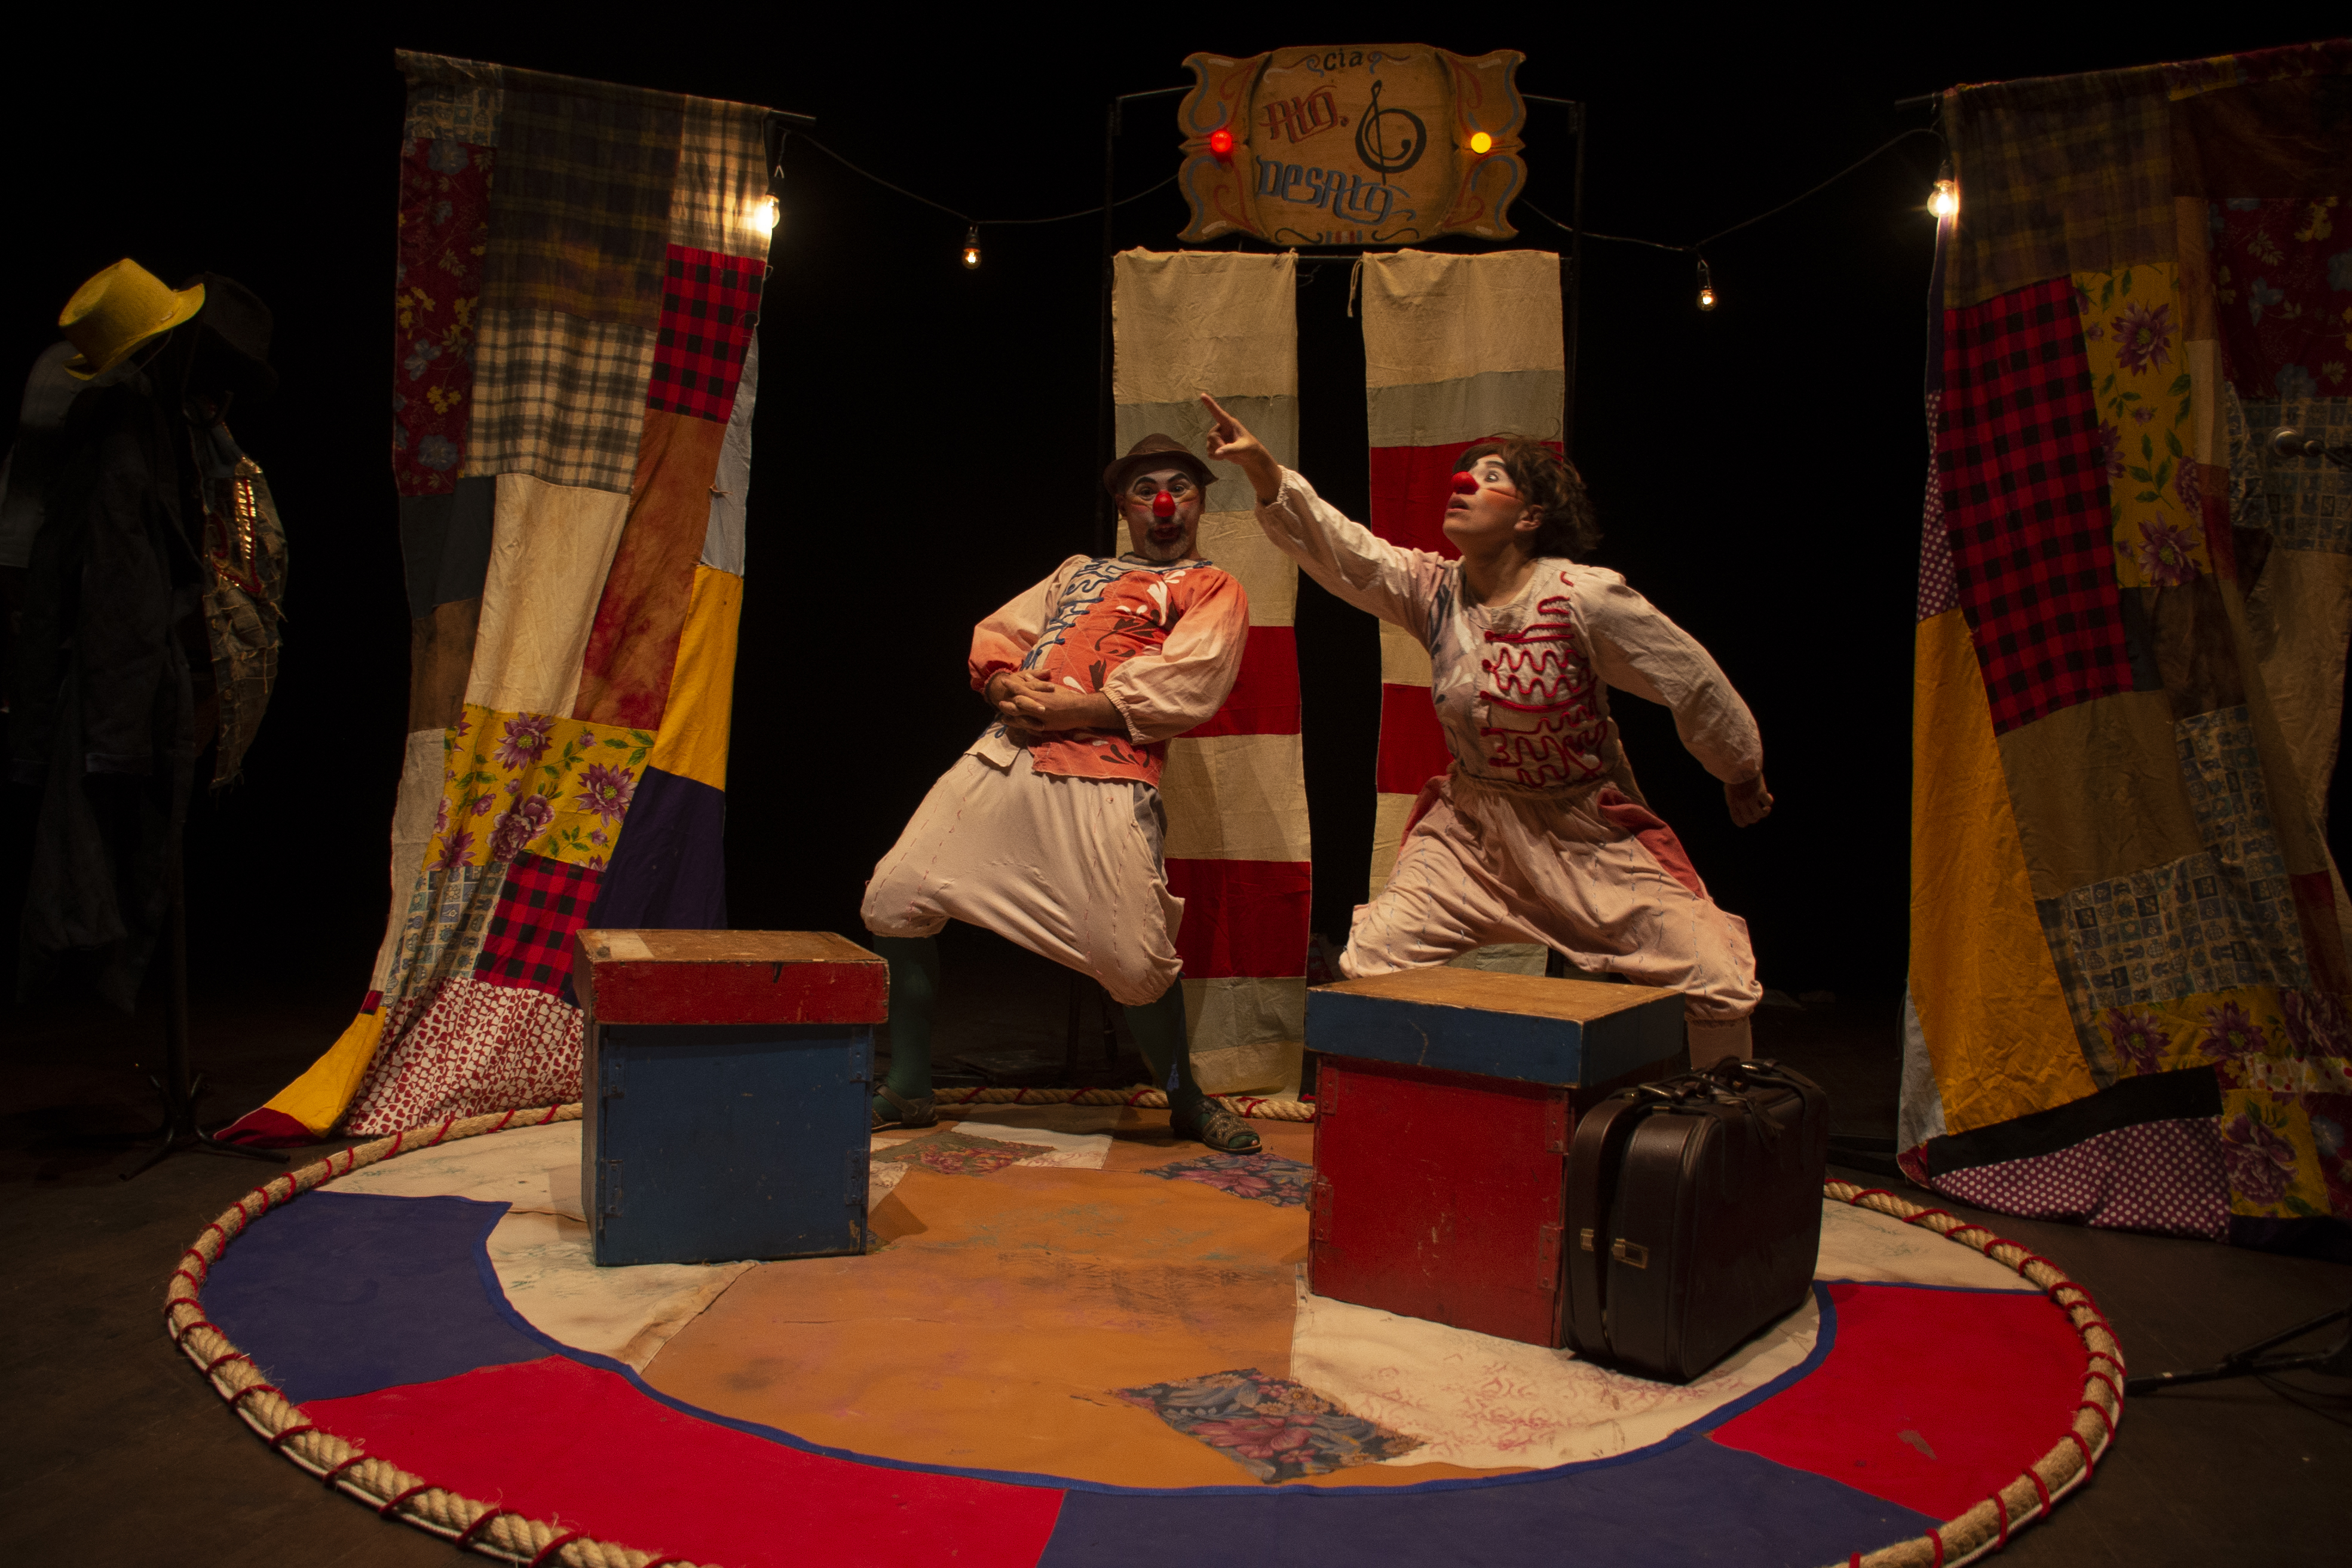 seis-espetaculos-teatrais-ganham-do-festival-tic-adaptacao-para-as-telas